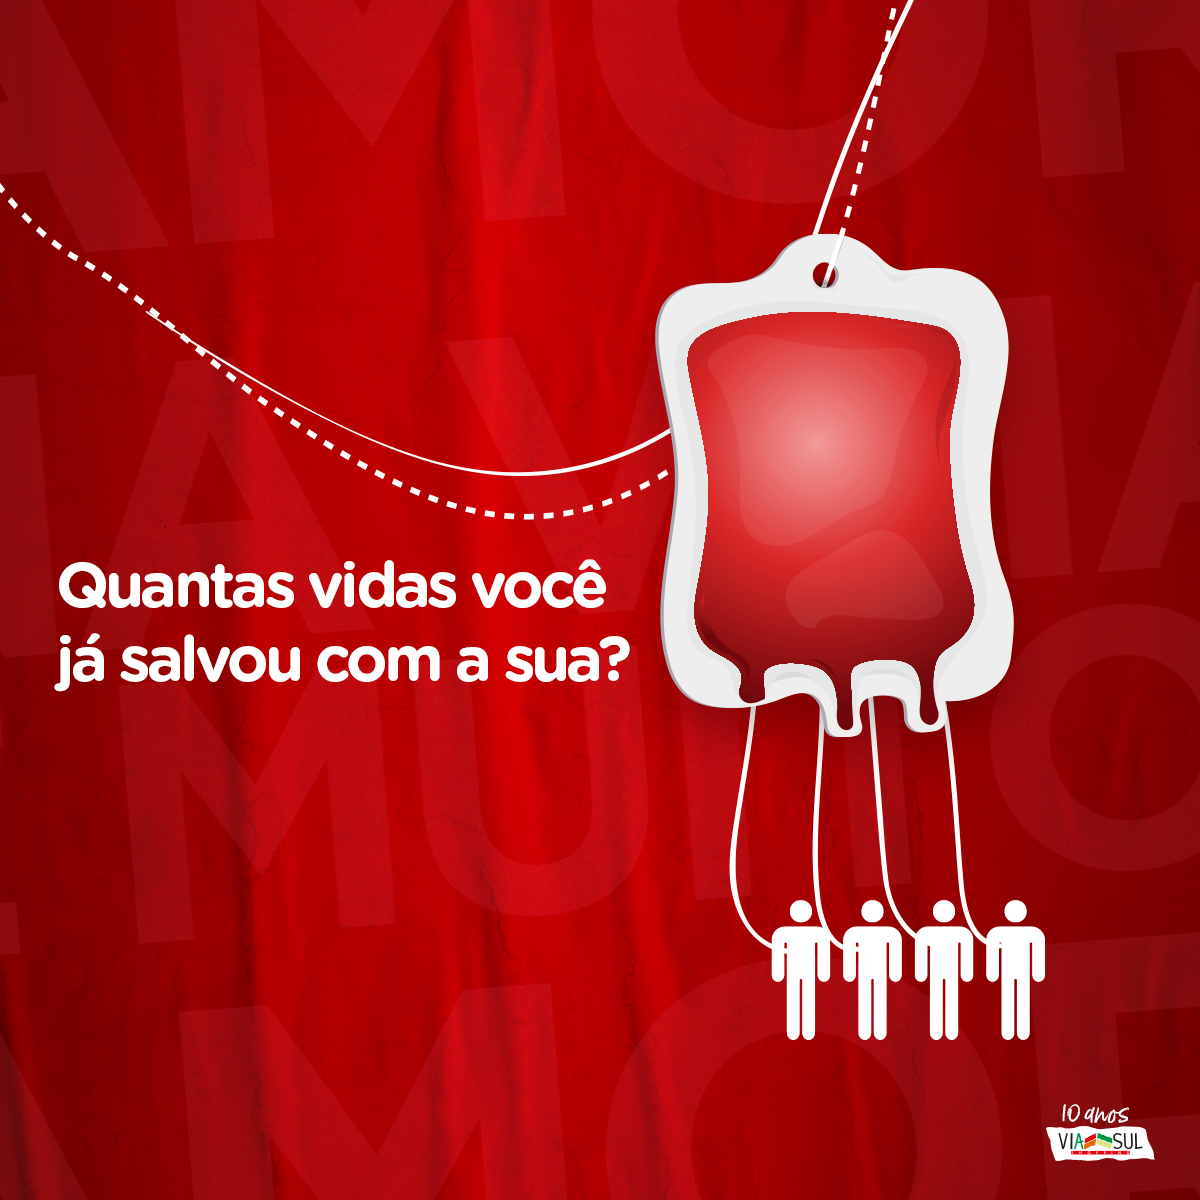 84cdd8064 Via Sul Shopping organiza ação de doação de sangue de quinta a sábado